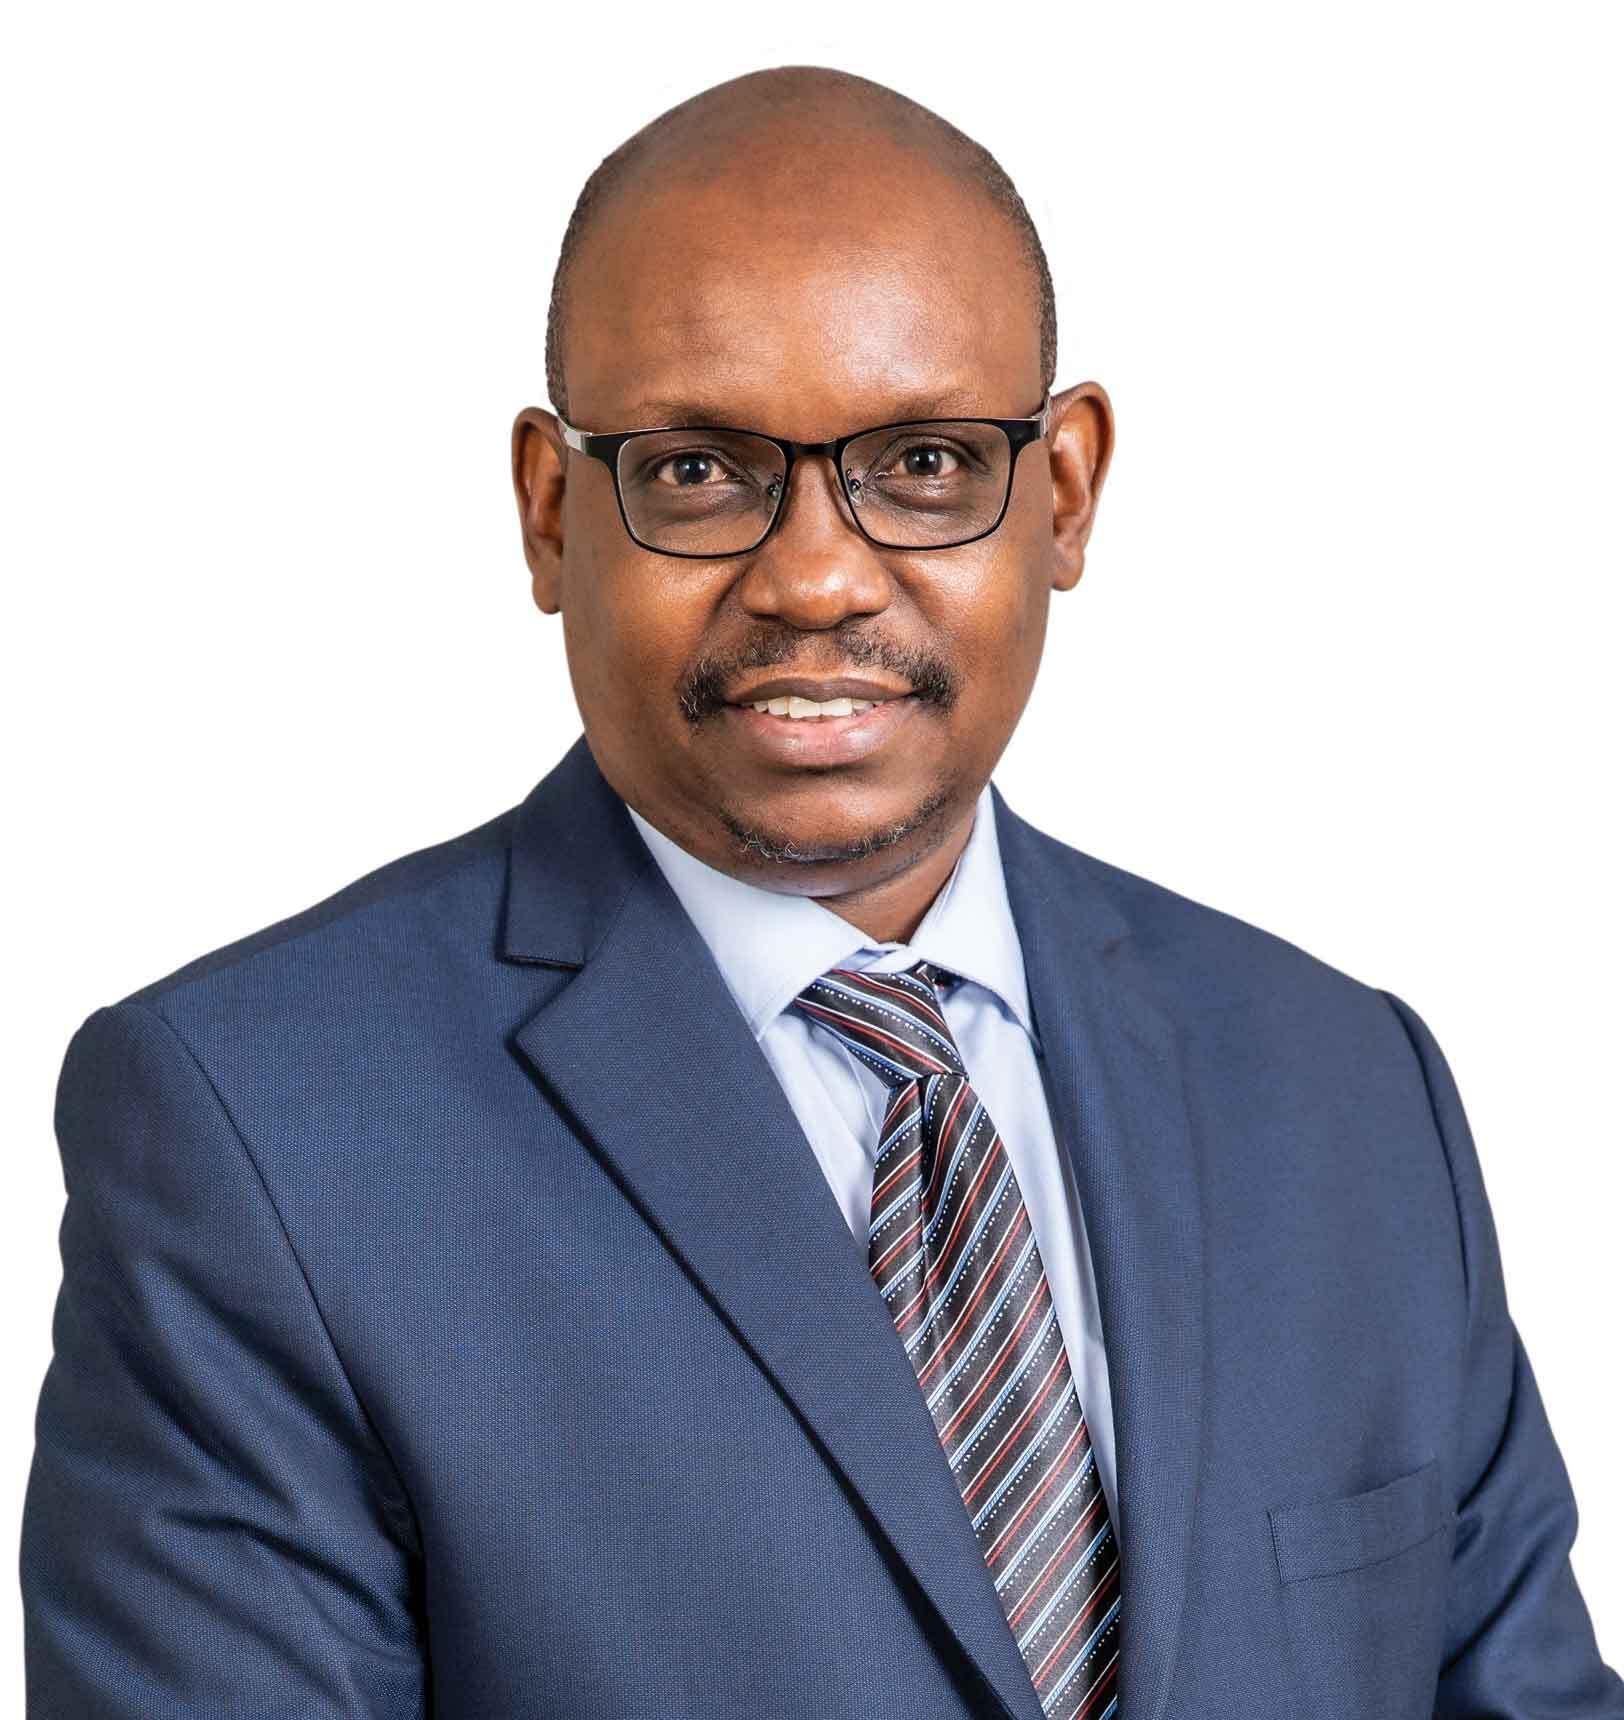 Anthony Mburu